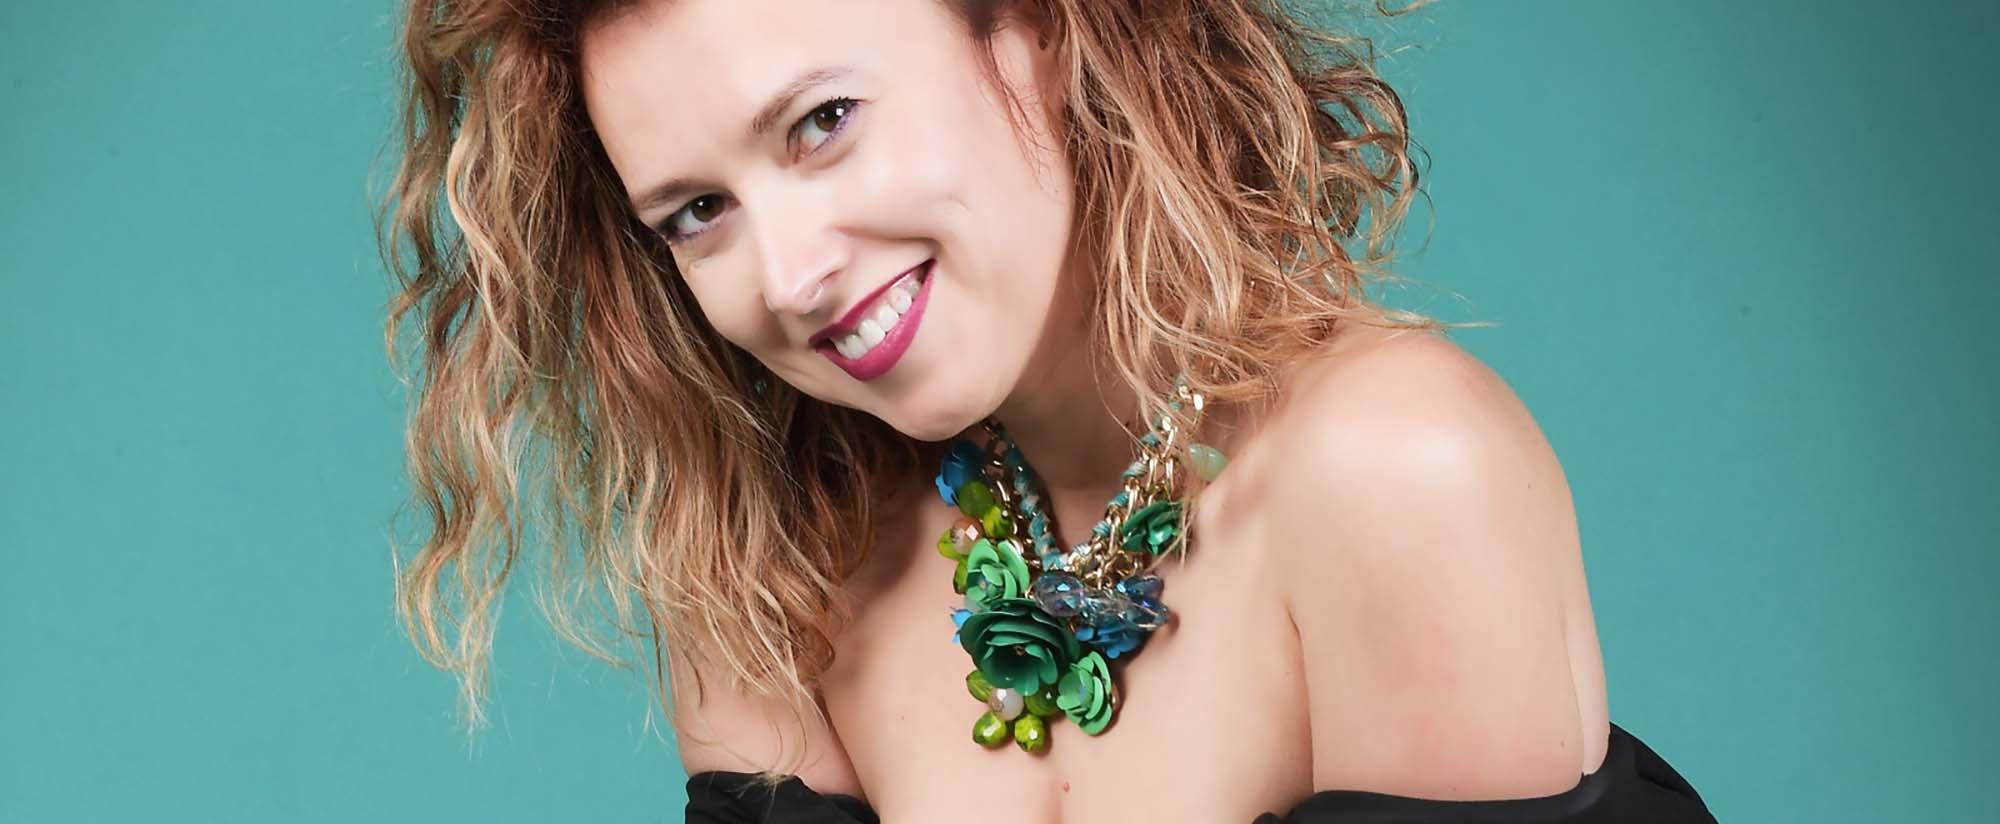 אופנה, בוהו שיק, קסניה רויטבורג -Fashion Israel,